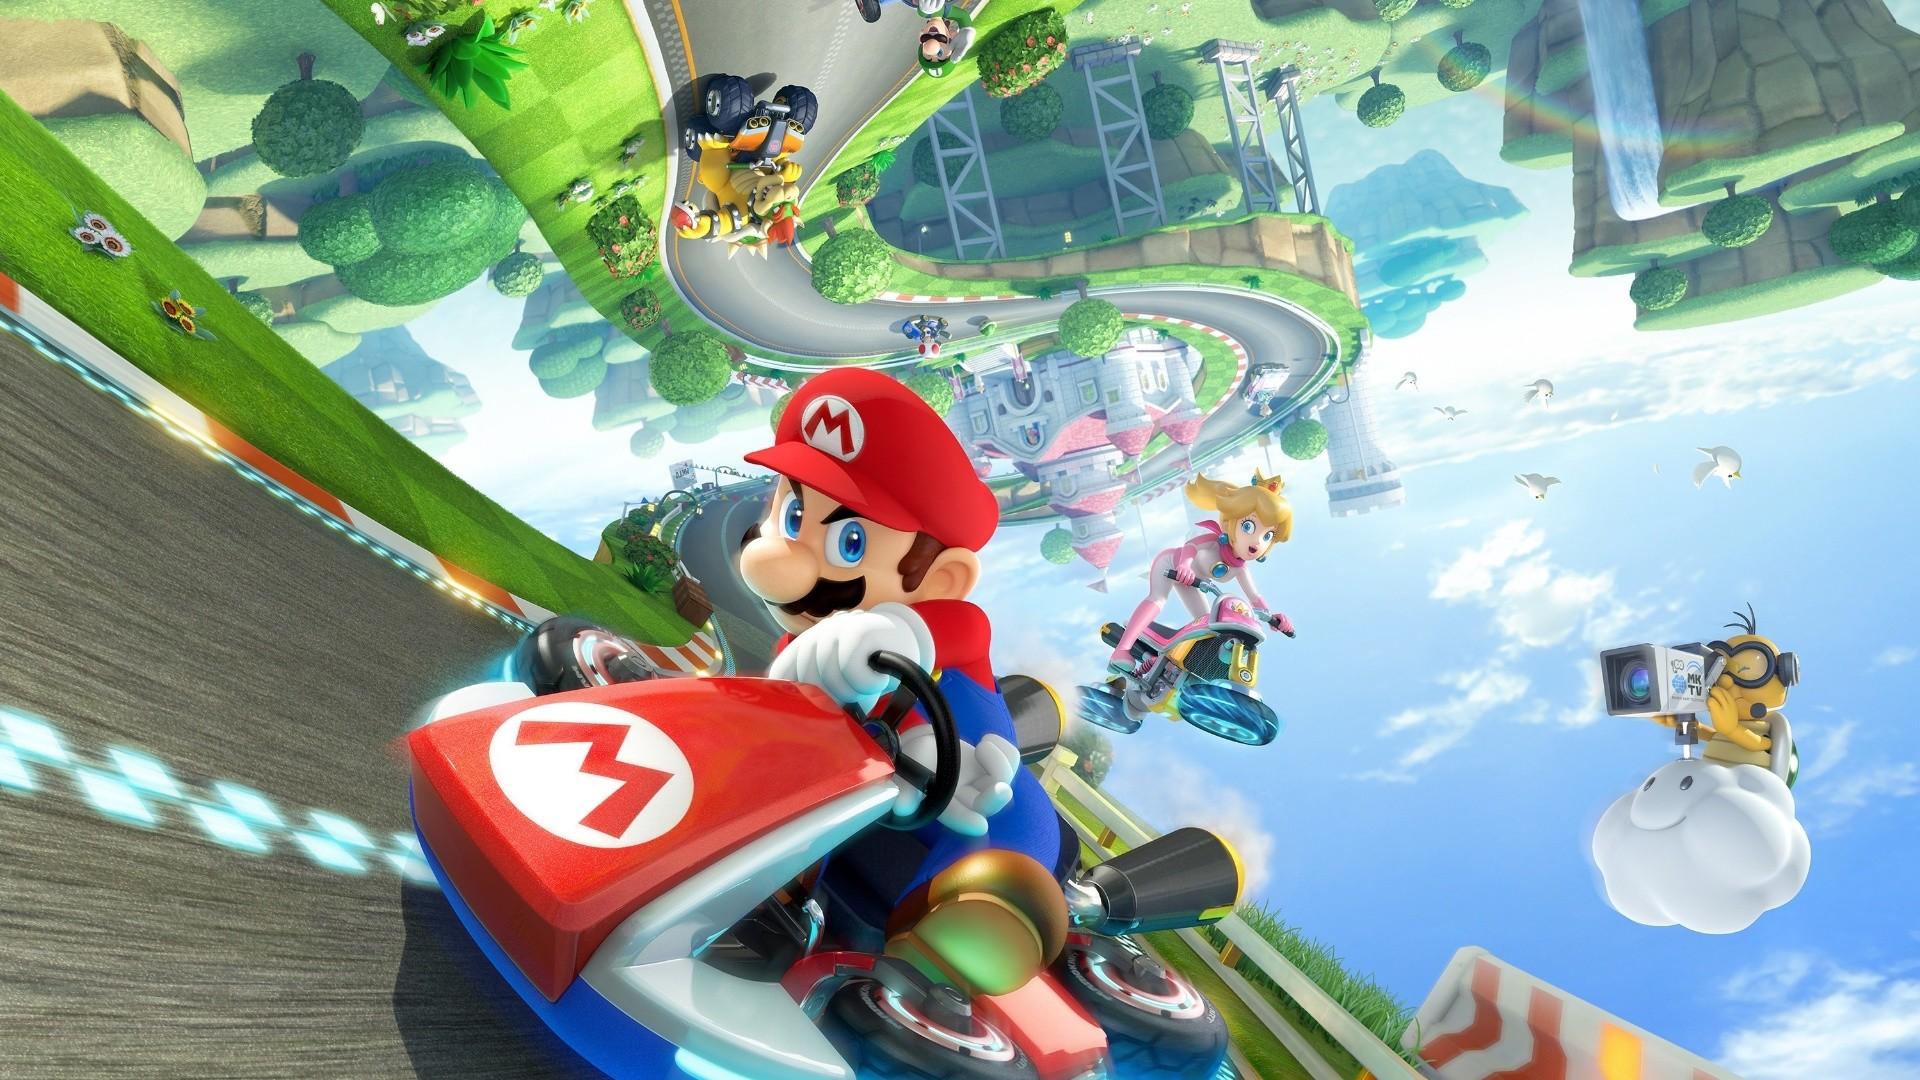 Mario Kart 8 Computer Wallpapers, Desktop Backgrounds .